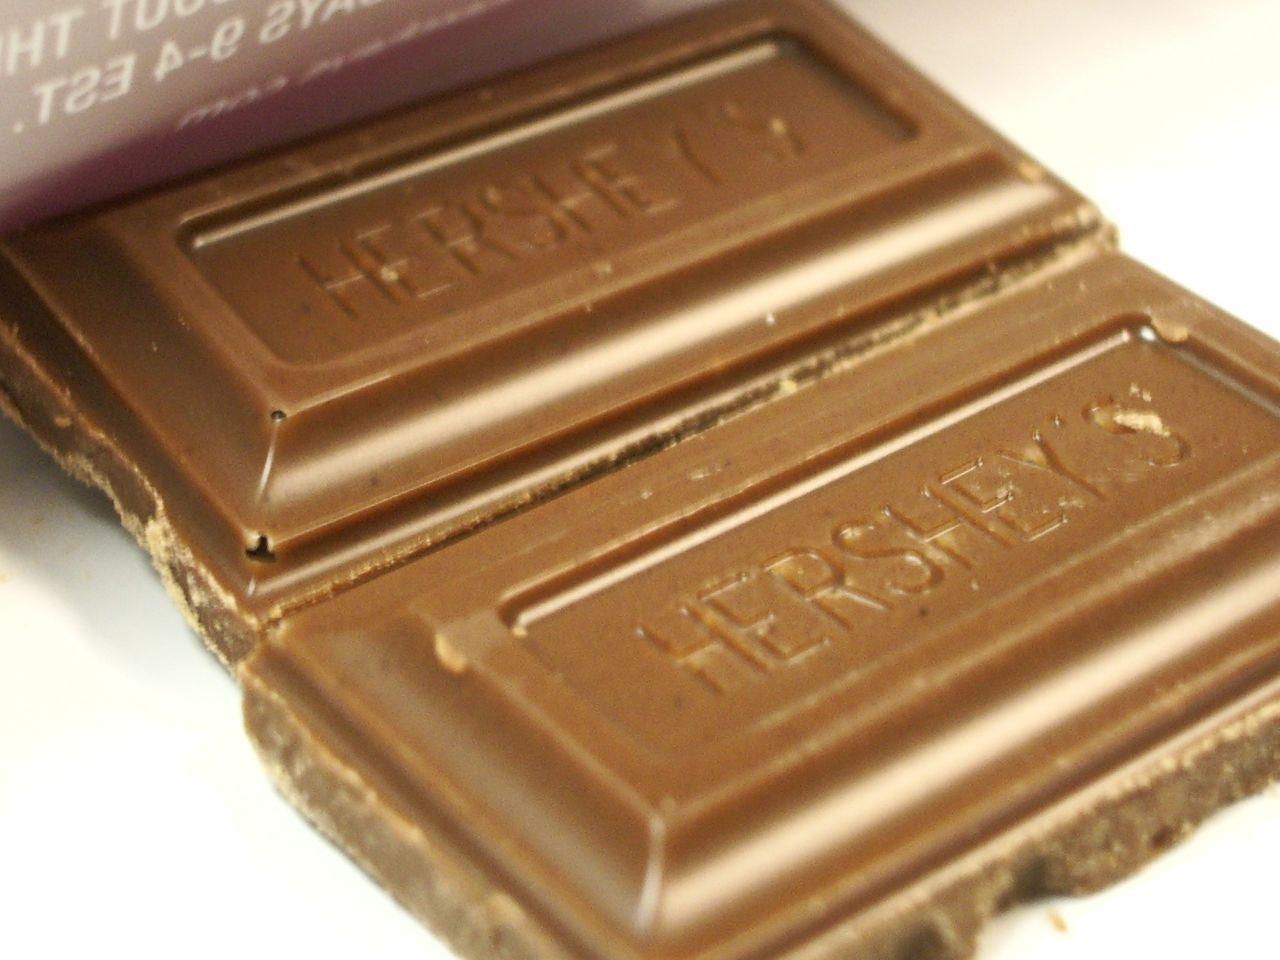 Hersheys_Chocolate